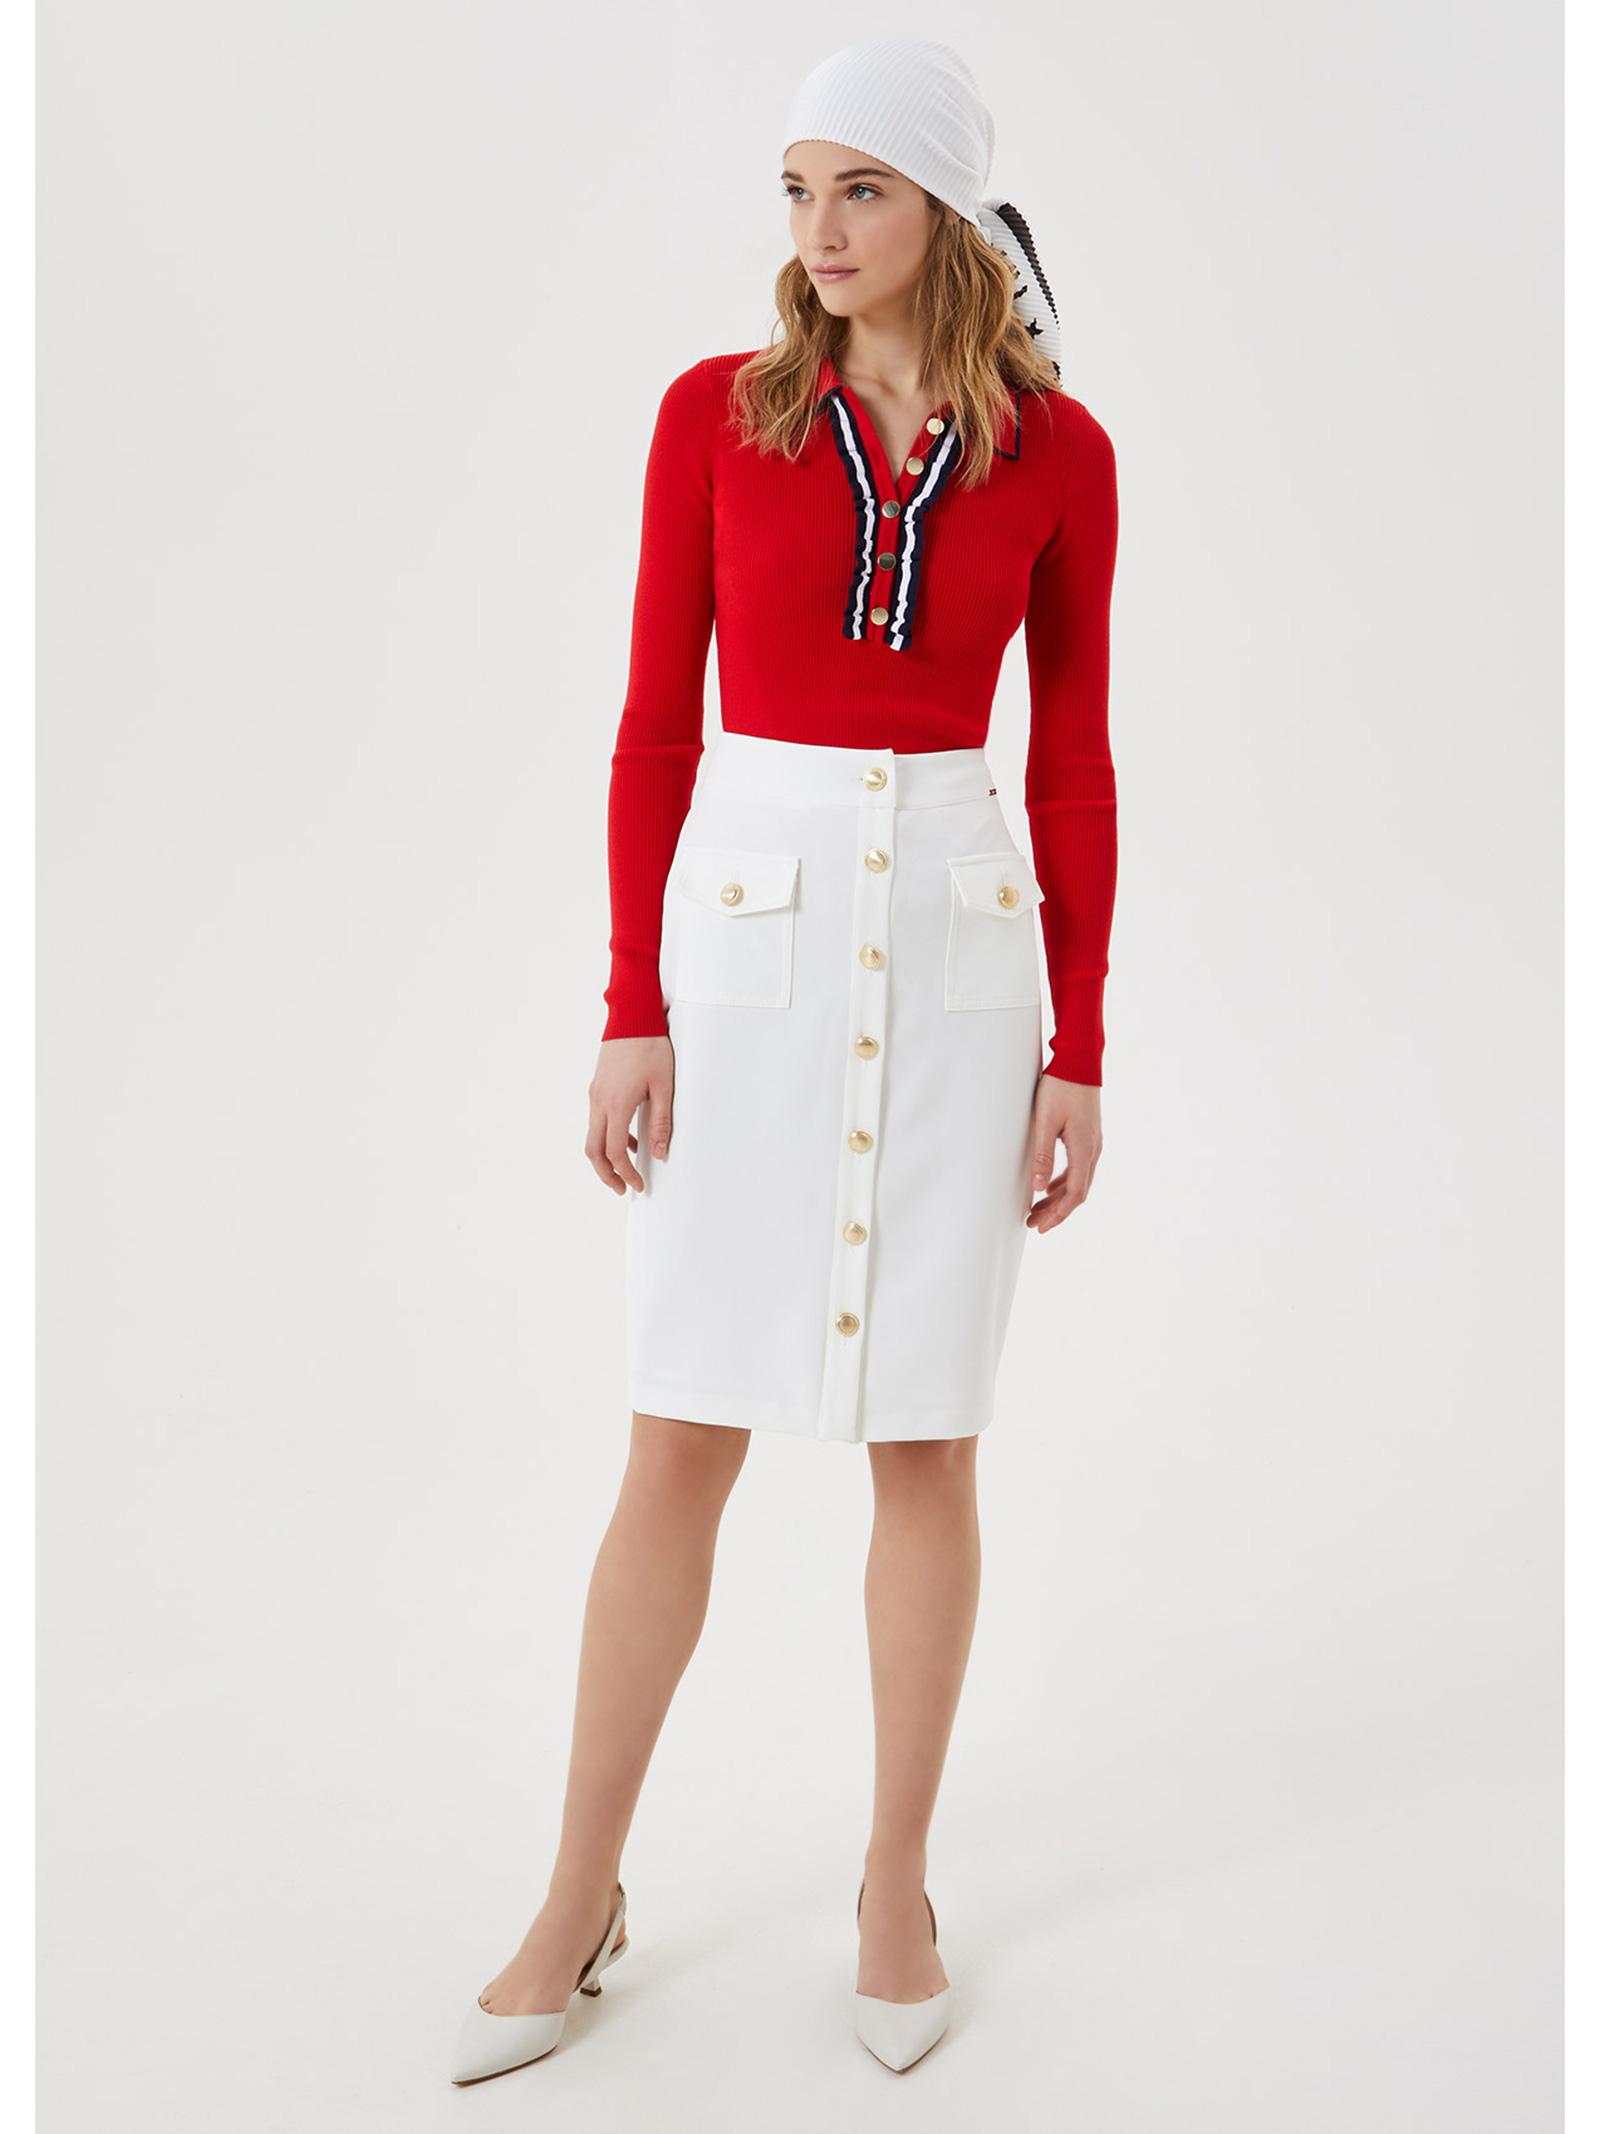 LIU JO | Skirts | WA1419T789610701